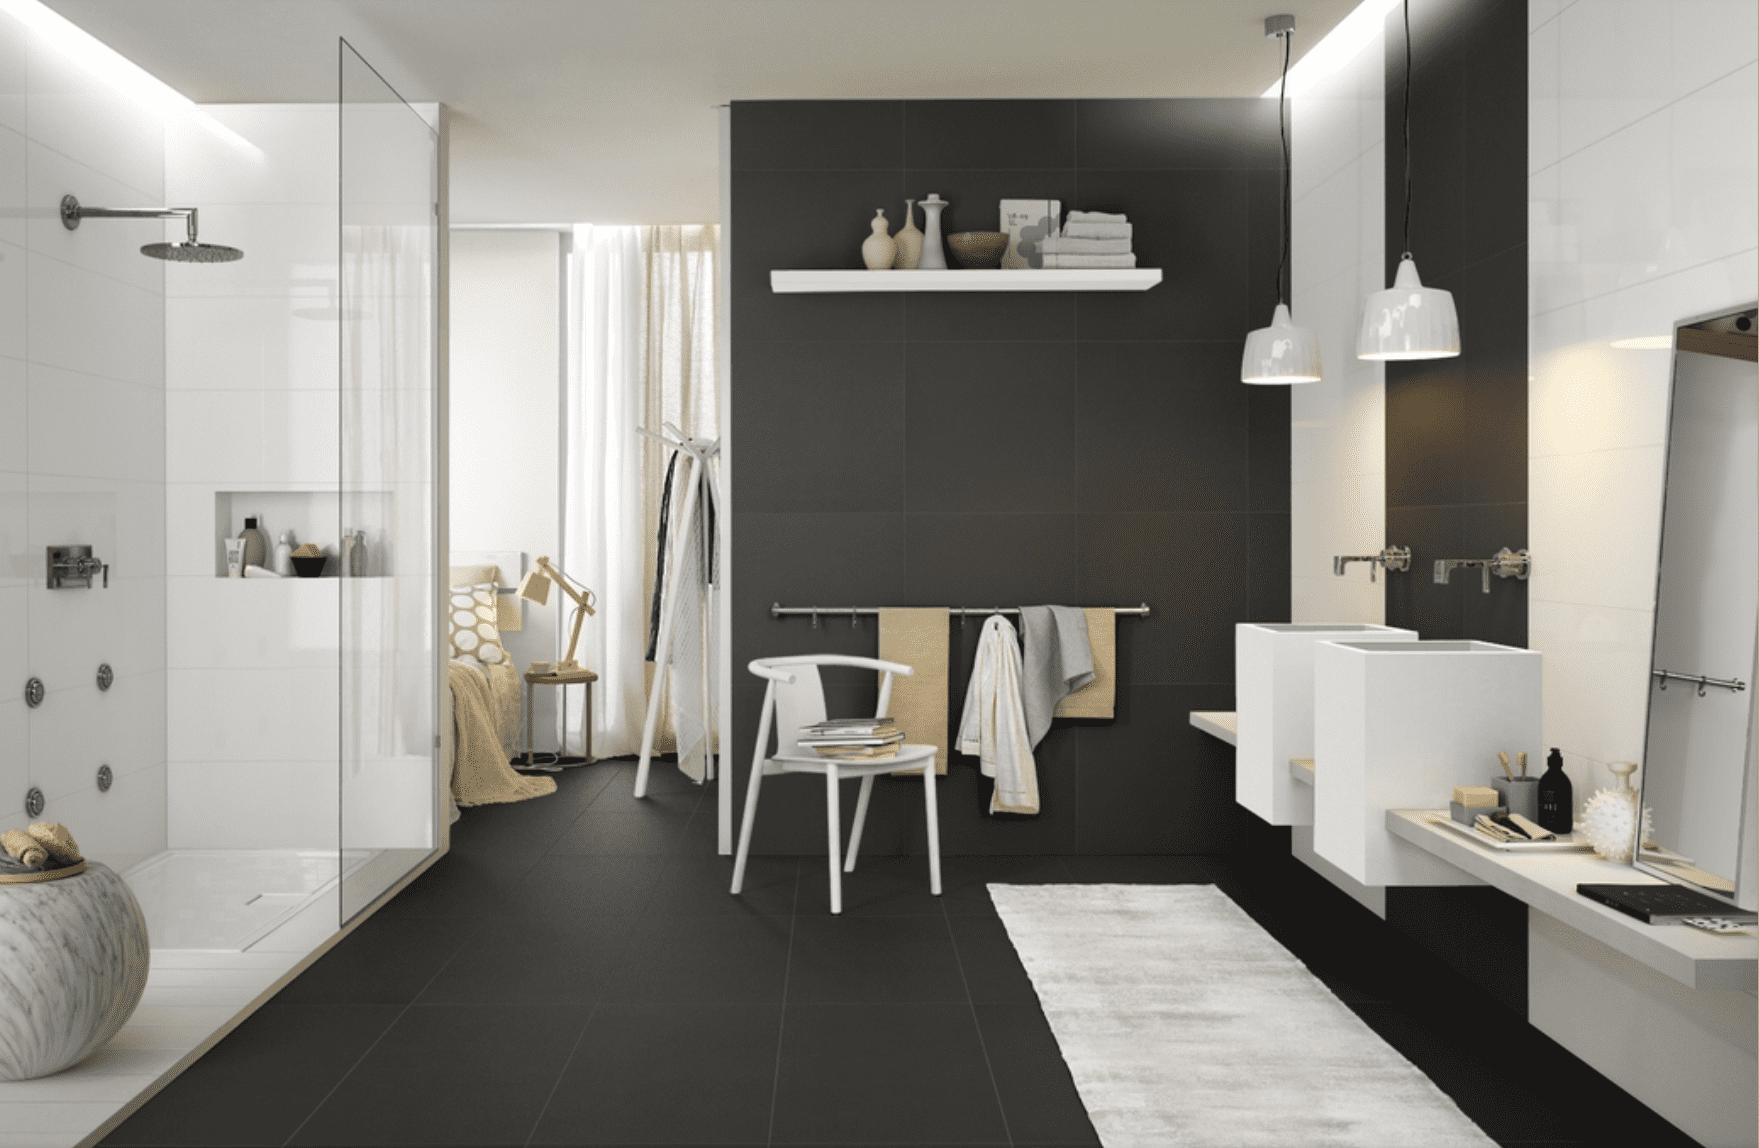 Stacco Tra Parquet E Piastrelle come scegliere le finiture del bagno e abbinarle bene? basta